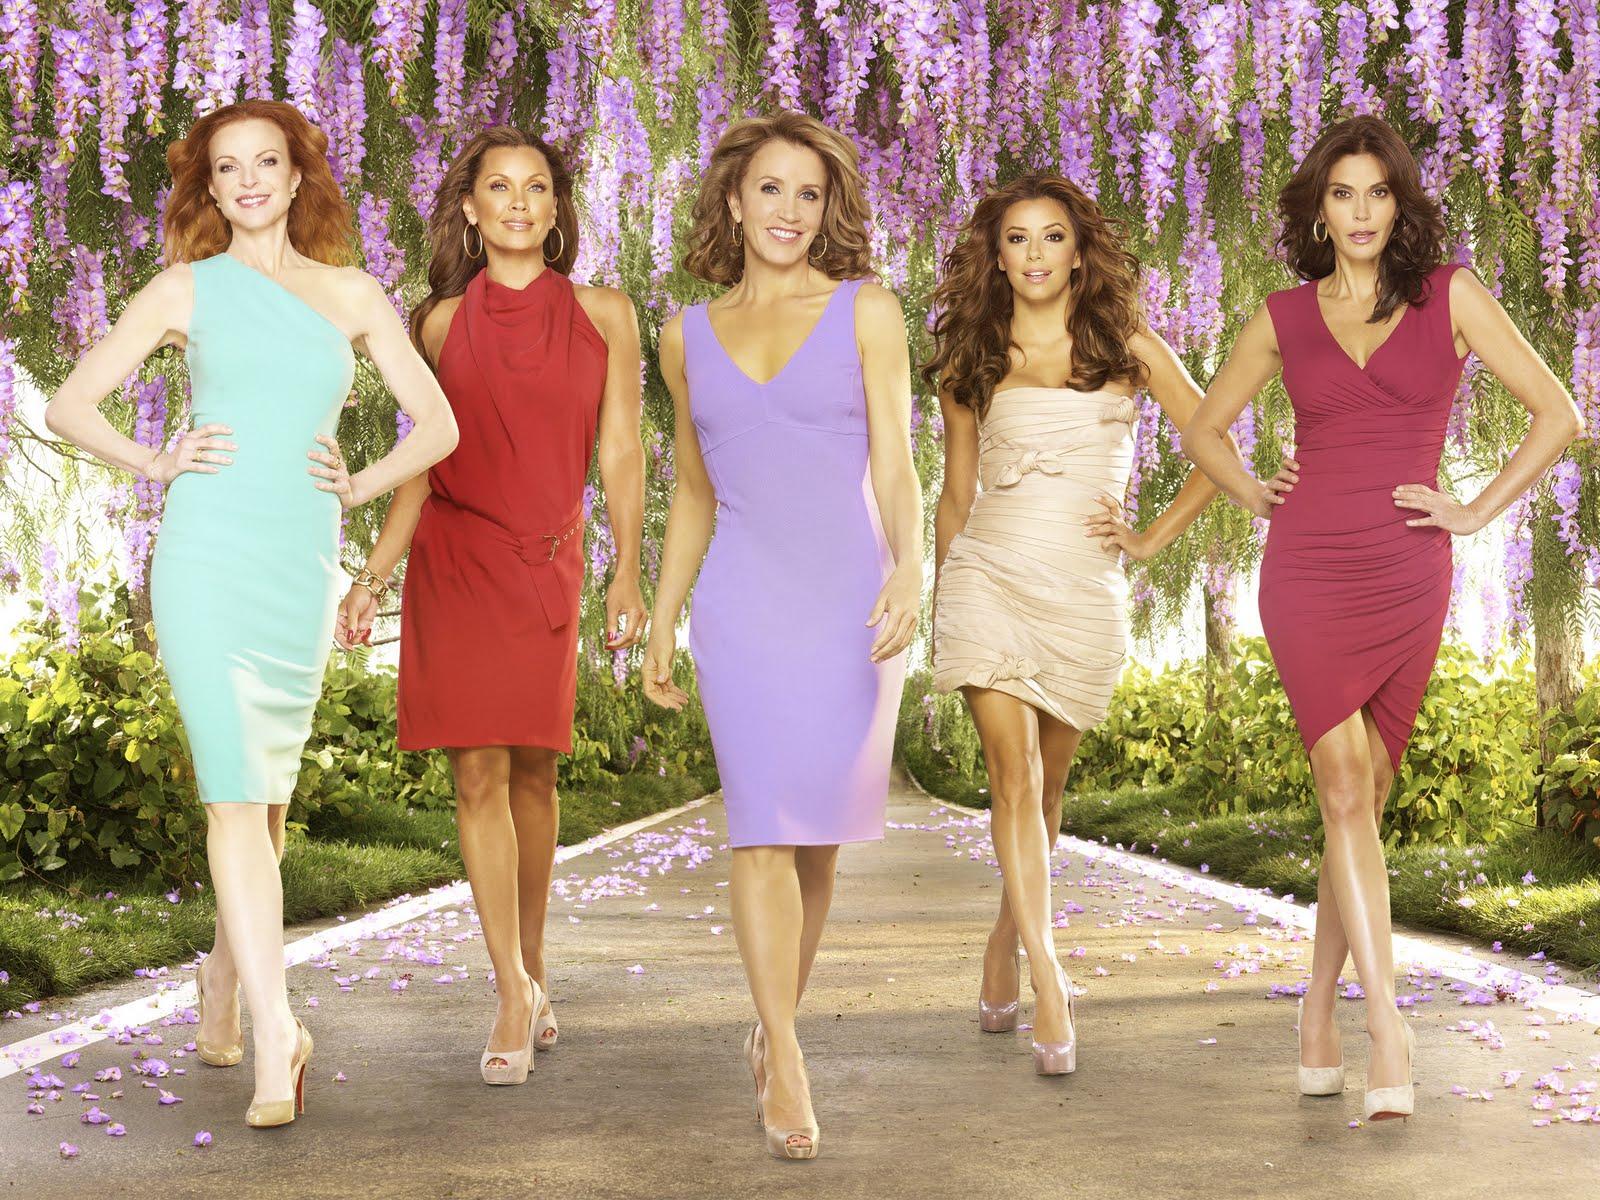 Desperate housewives gets renewed for season 8 - Bree van der kamp ...